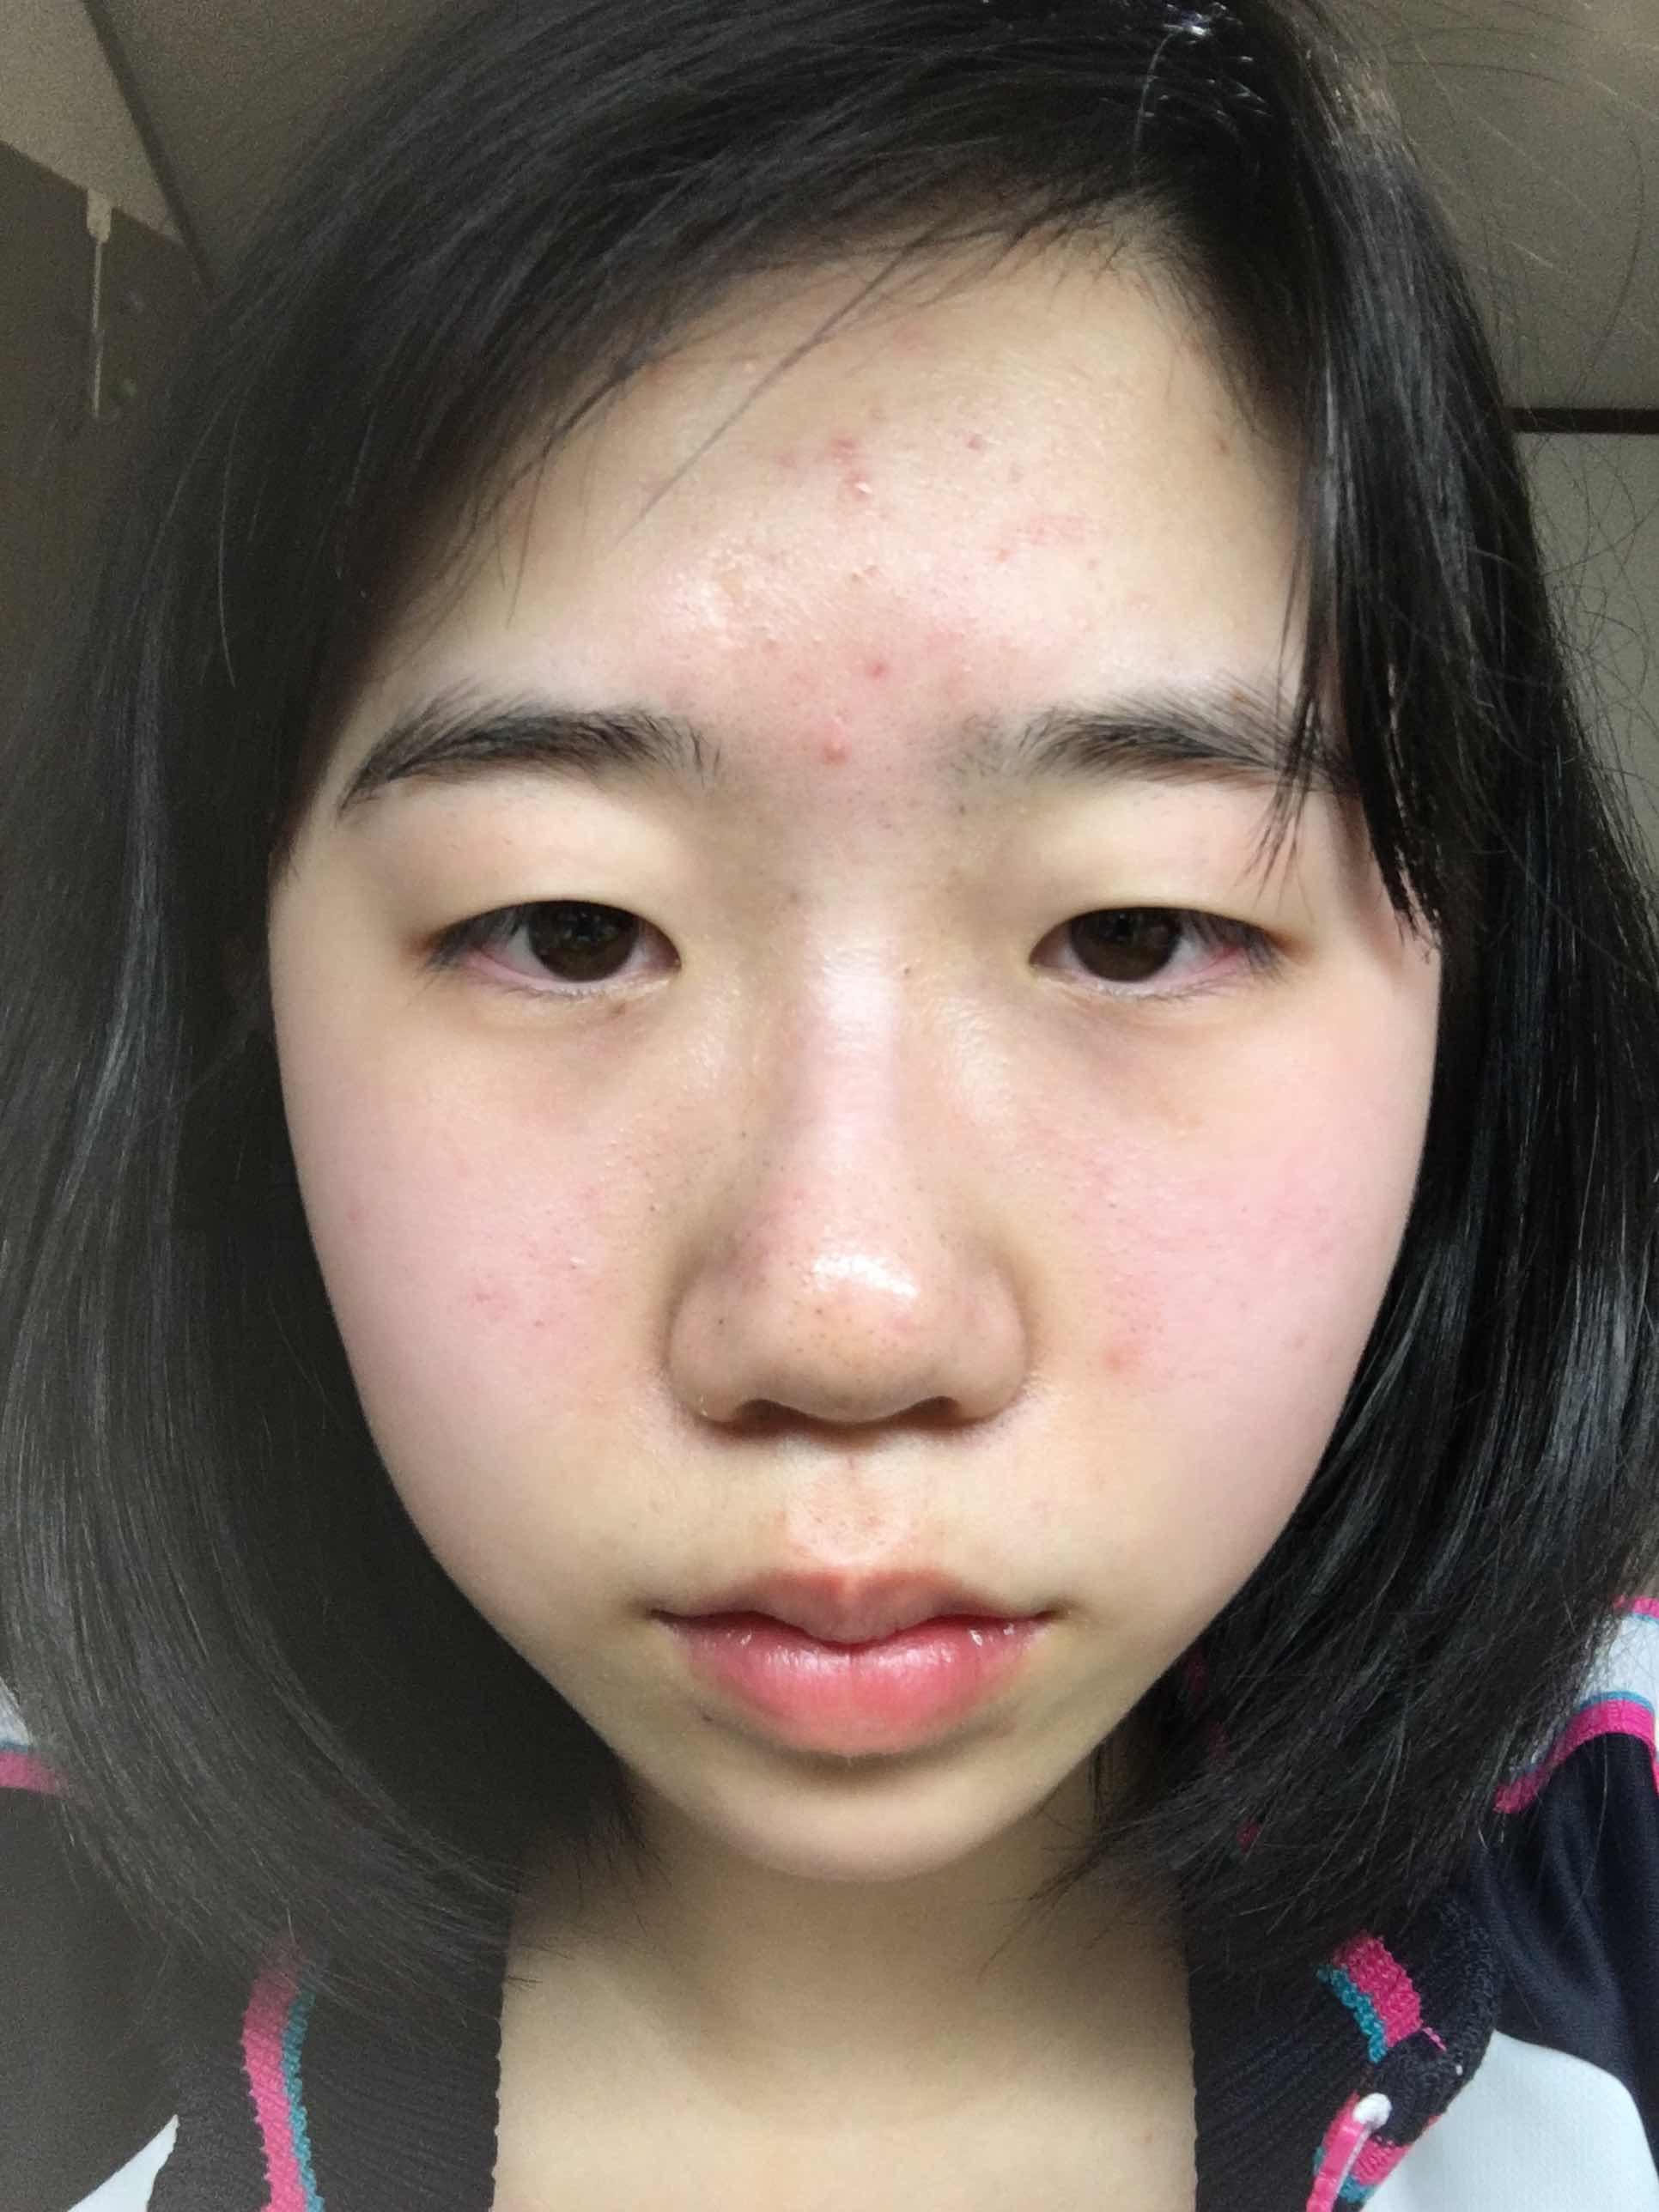 上眼皮提升矫正术好不好,大家好。我想问一下 整哪些地方才能变得更漂亮